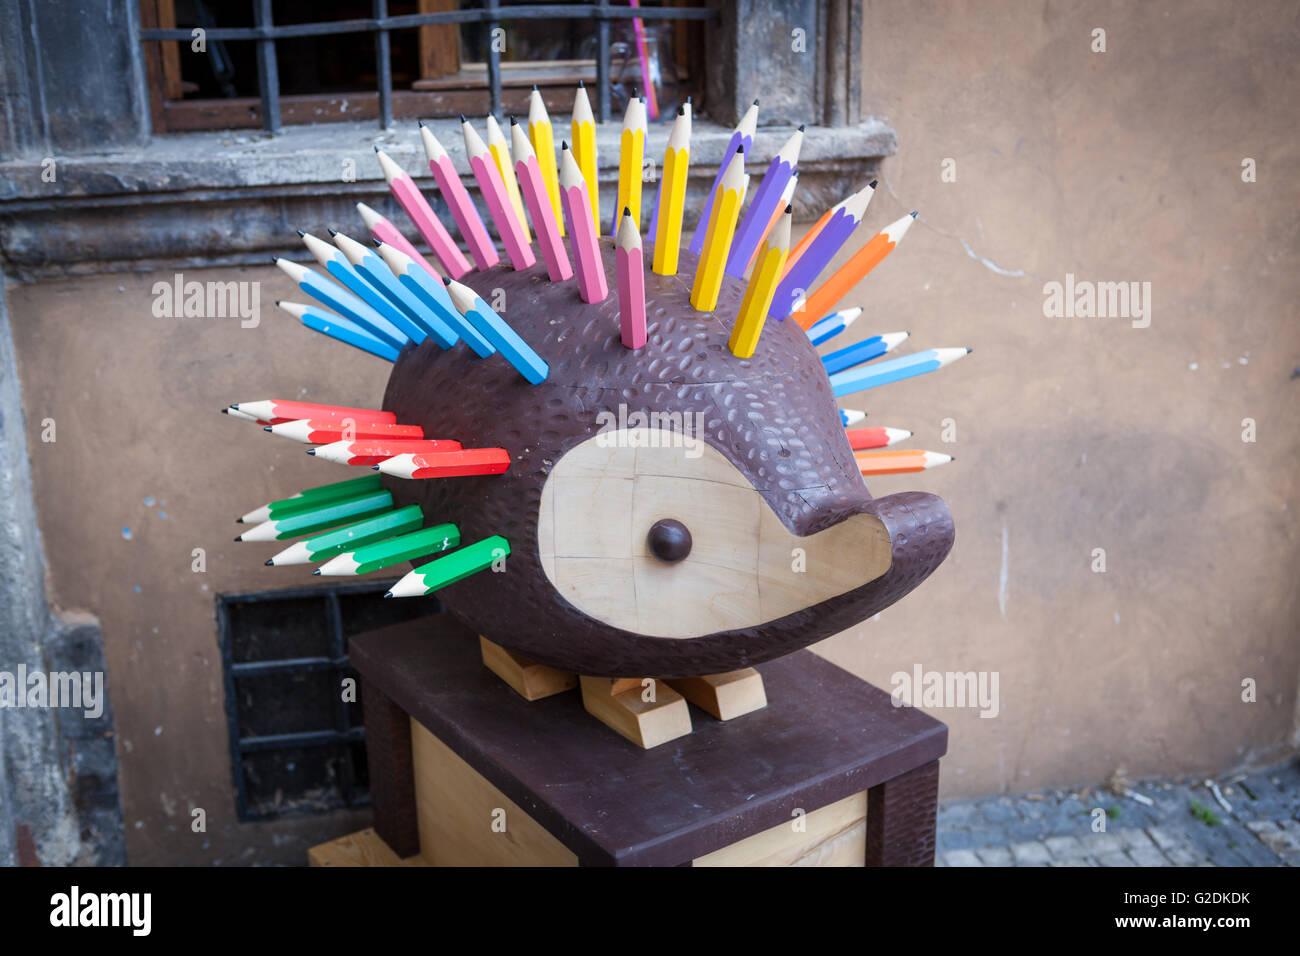 Koh-I-Noor Large Hedgehog Pencil Holder in Prague, Czech Republic - Stock Image